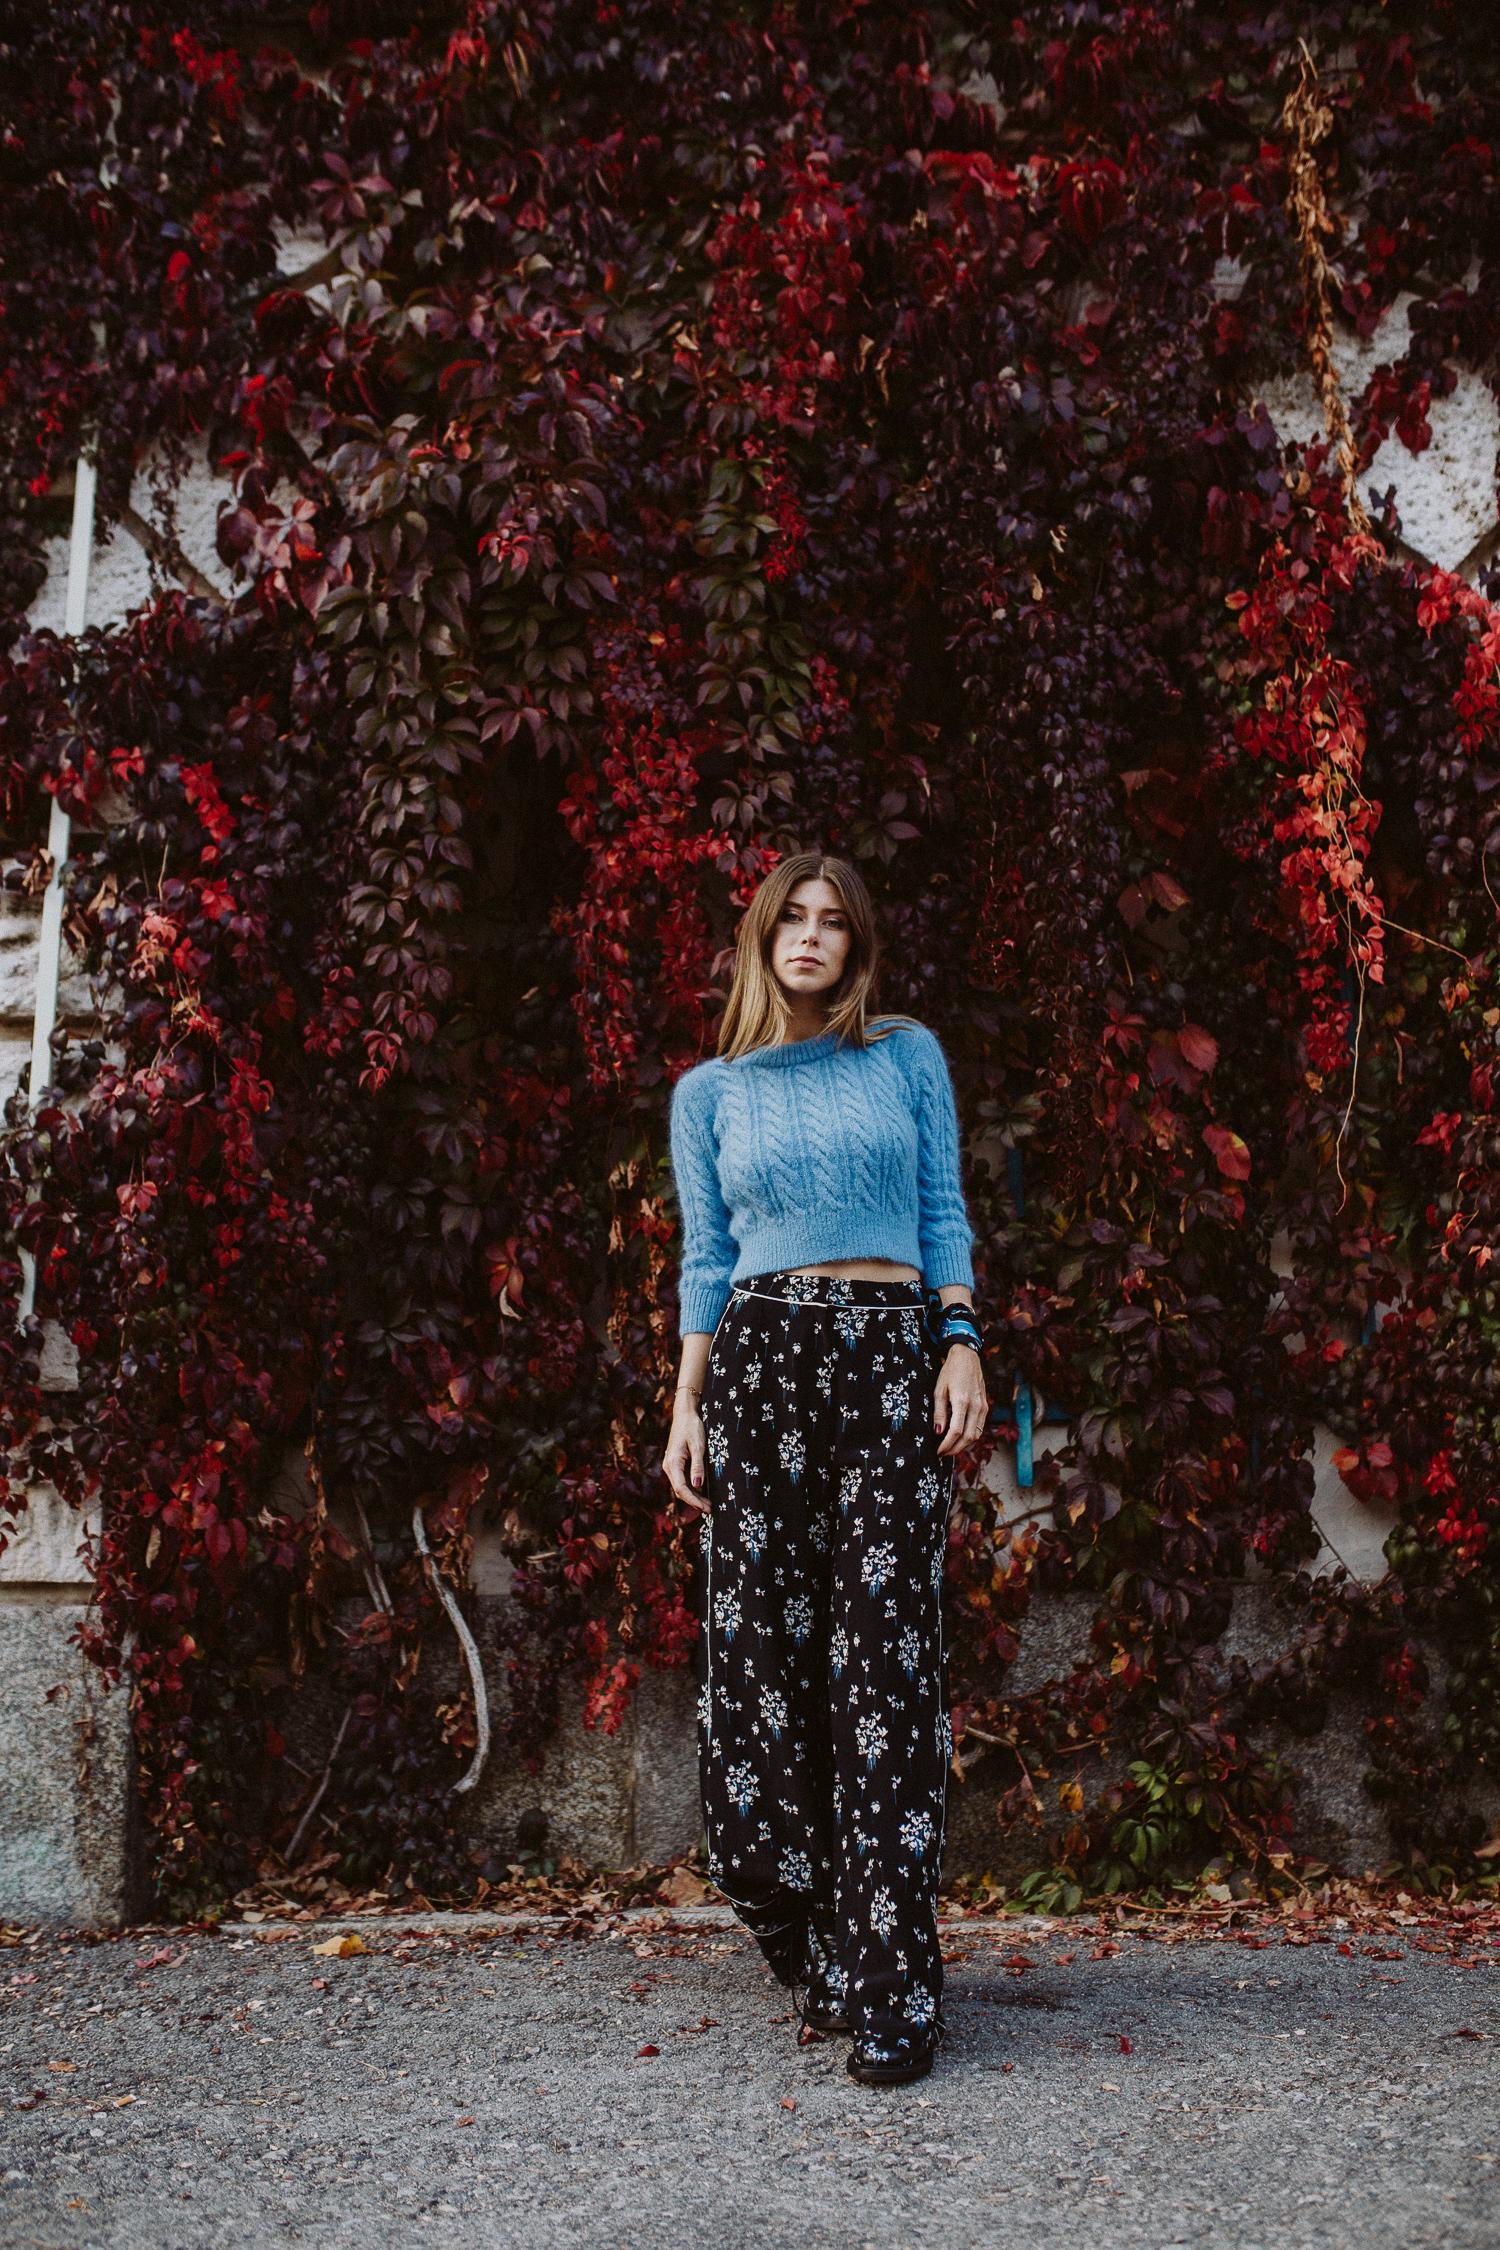 Erdem x H&M Designer Collaboration | Bikinis & Passports